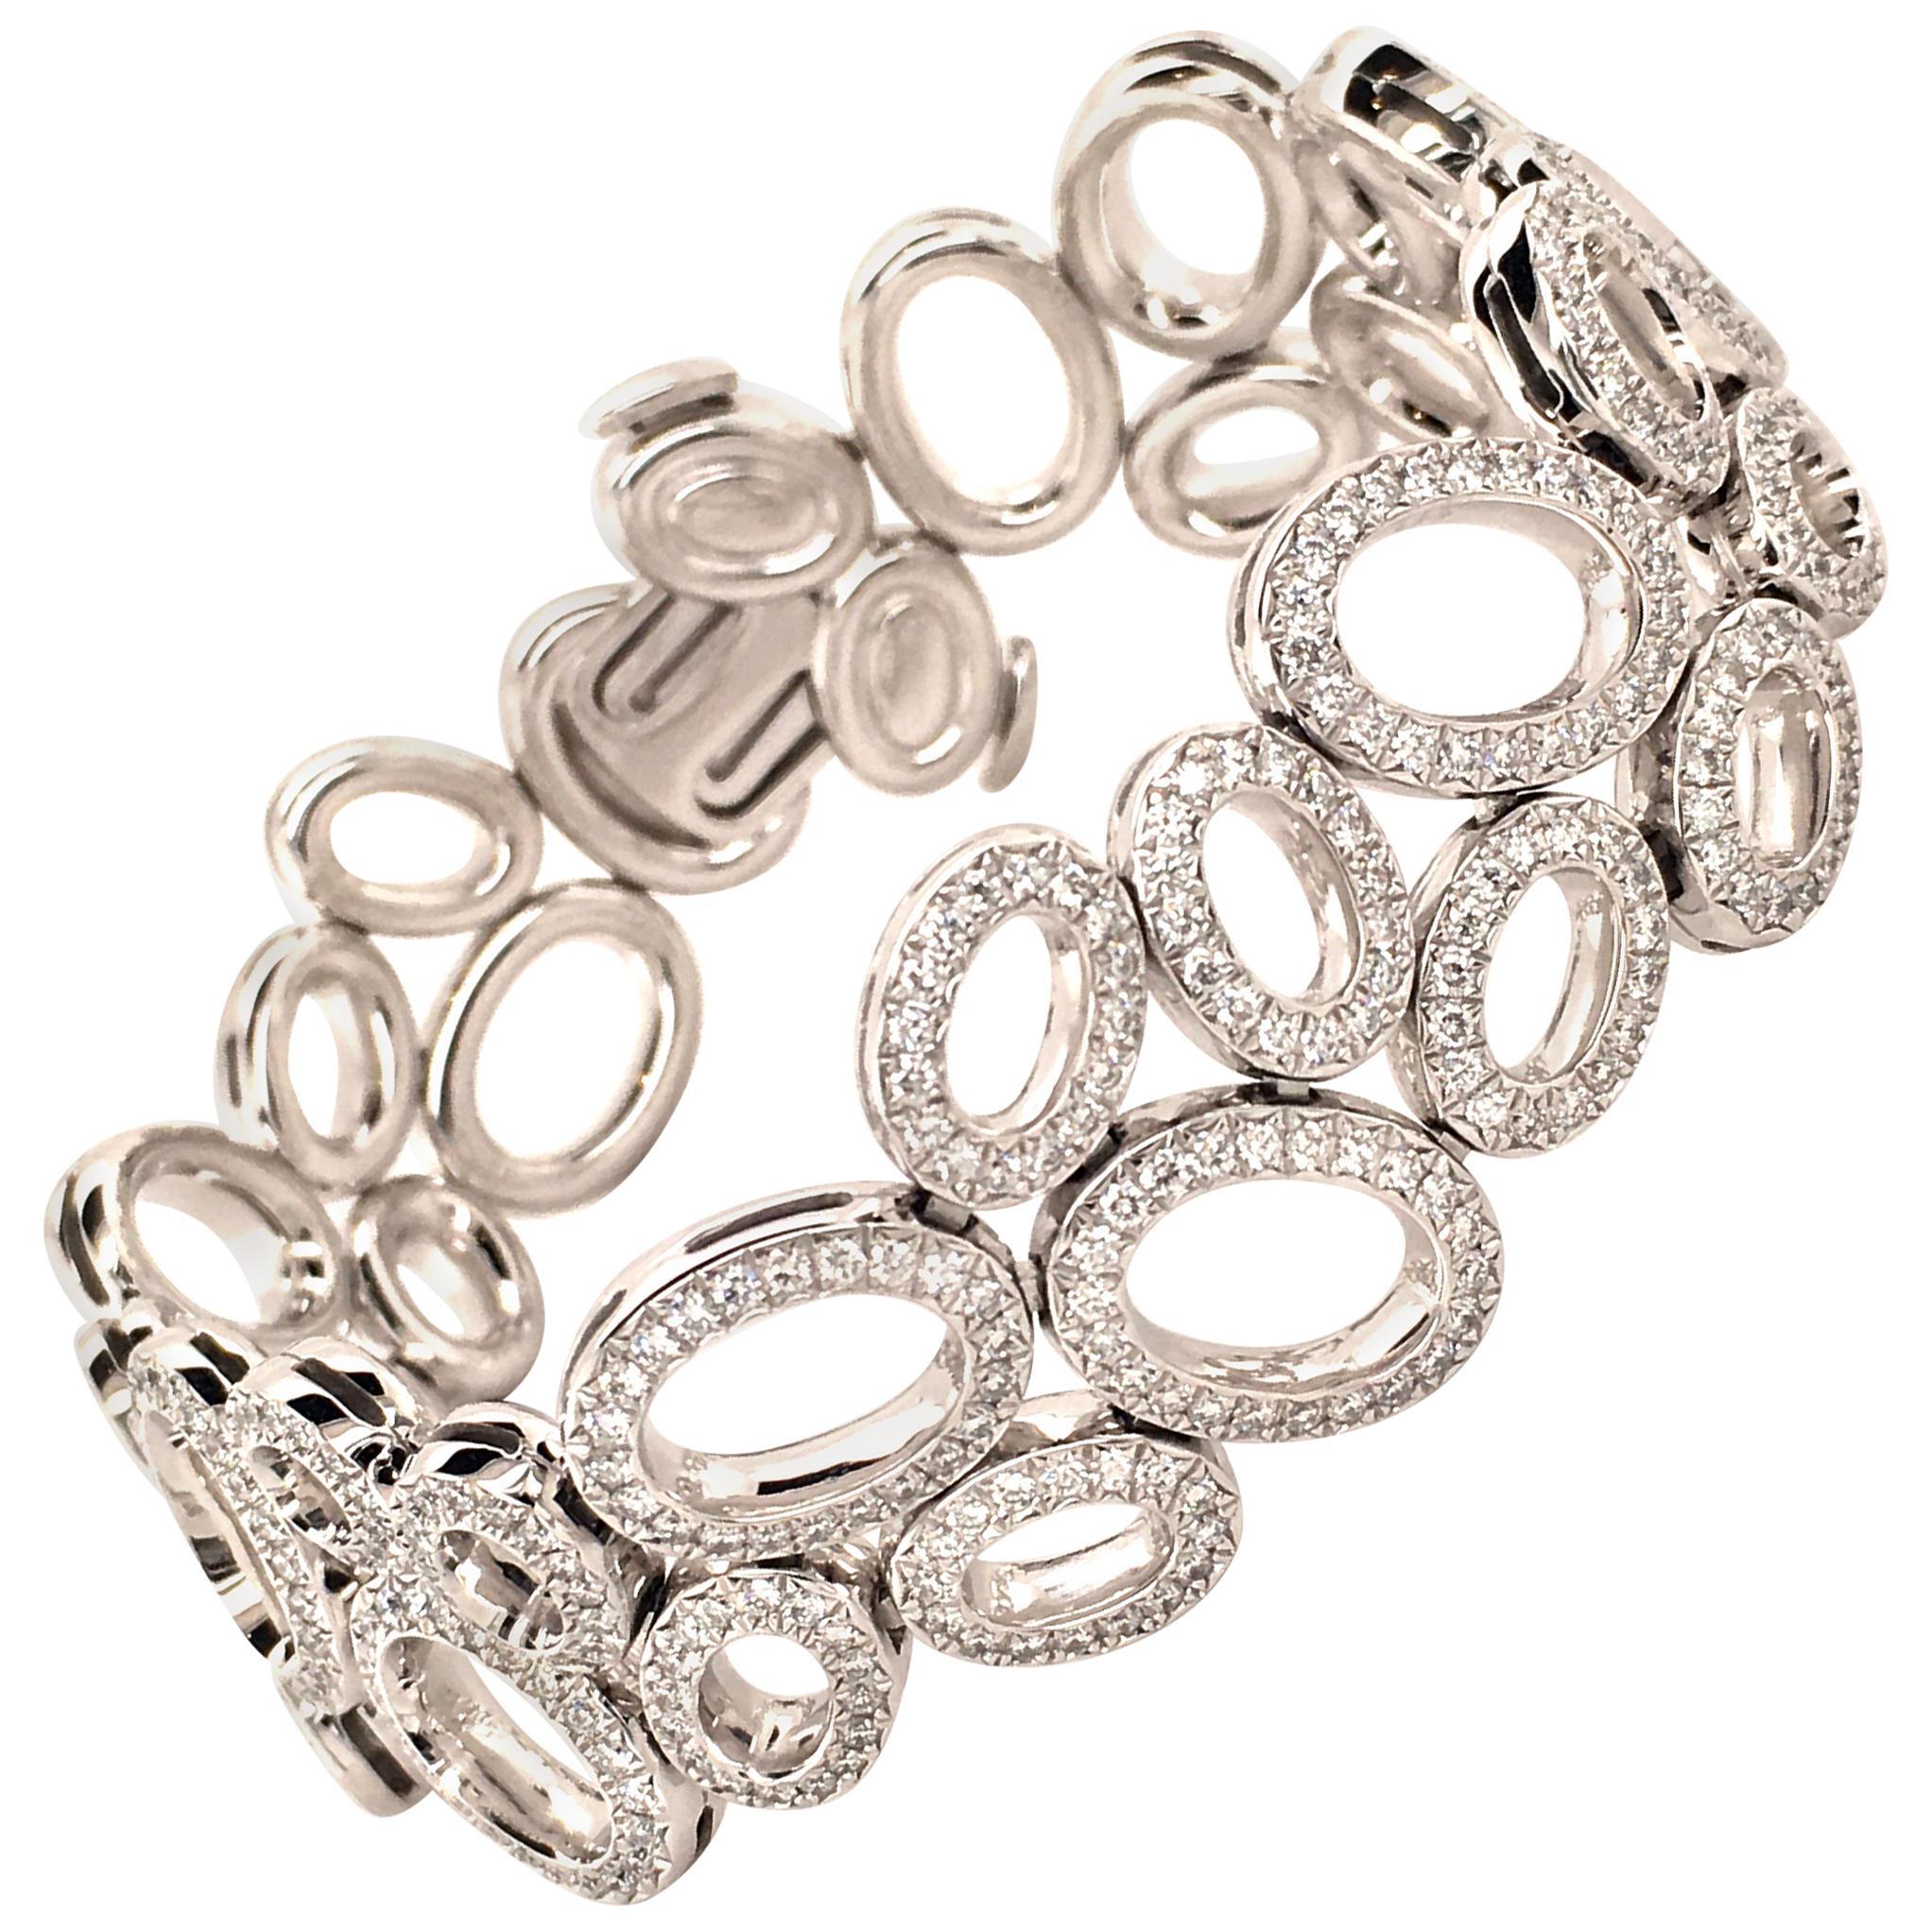 Superb Diamond Bracelet in White Gold by Gubelin